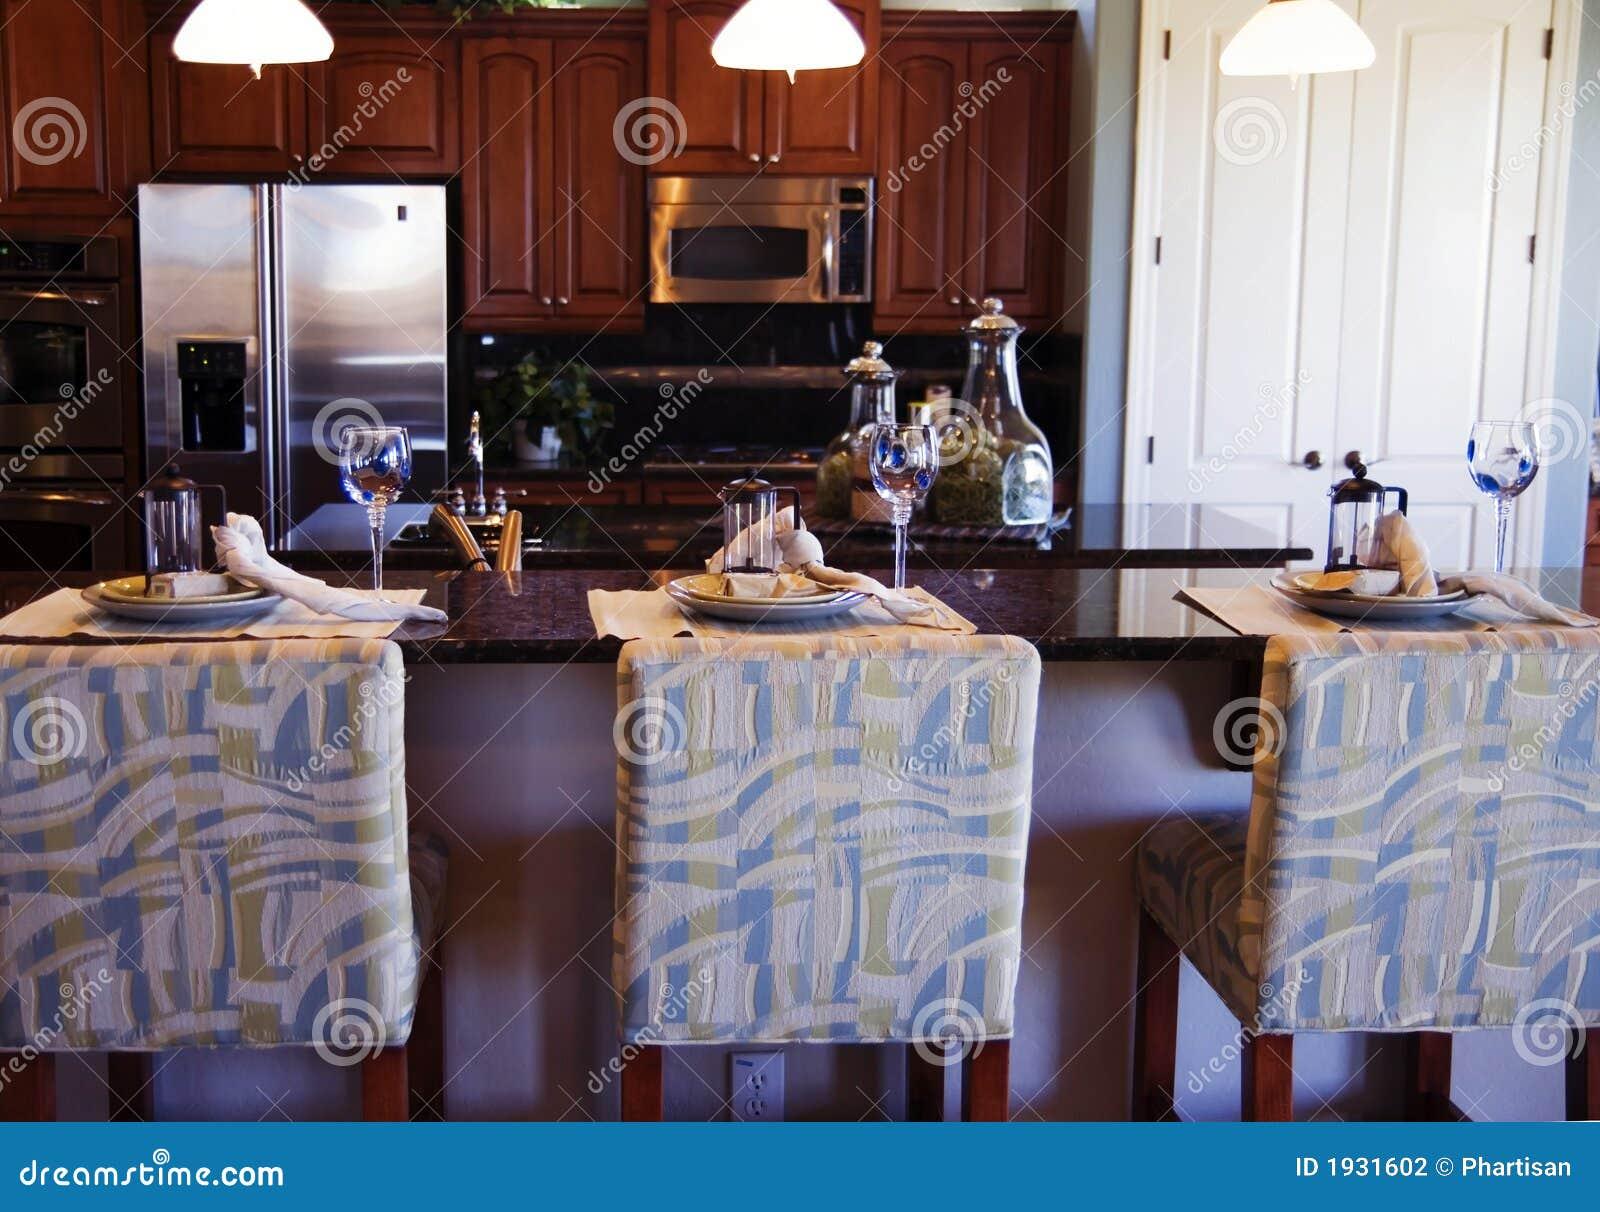 Cucina di lusso fotografia stock immagine di - Cucina di lusso ...